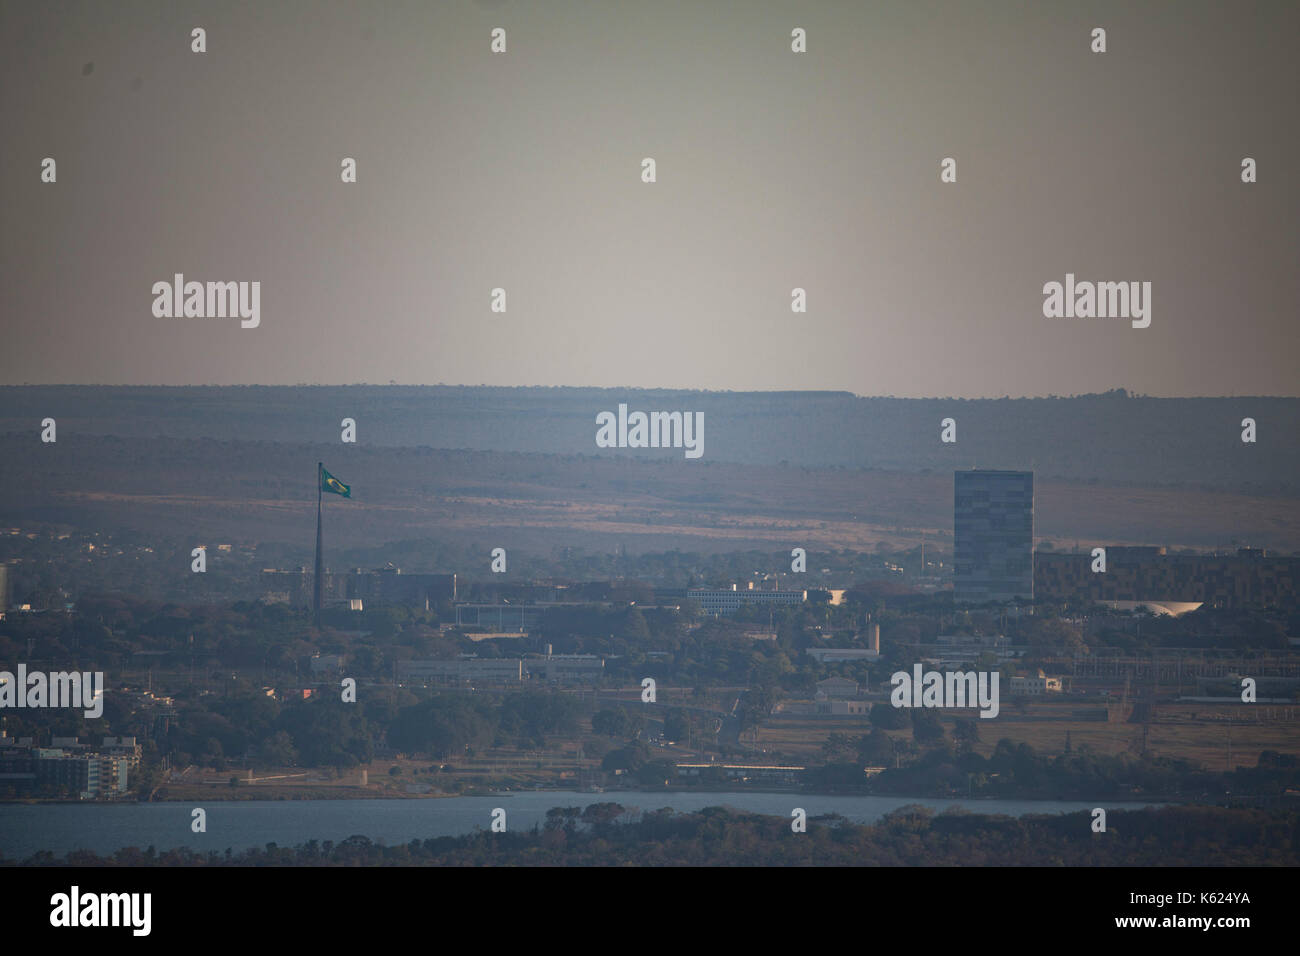 Ansicht der Stadt von Brasília, der Hauptstadt Brasiliens. Credit: Marcelo Chello/CJPress Stockbild